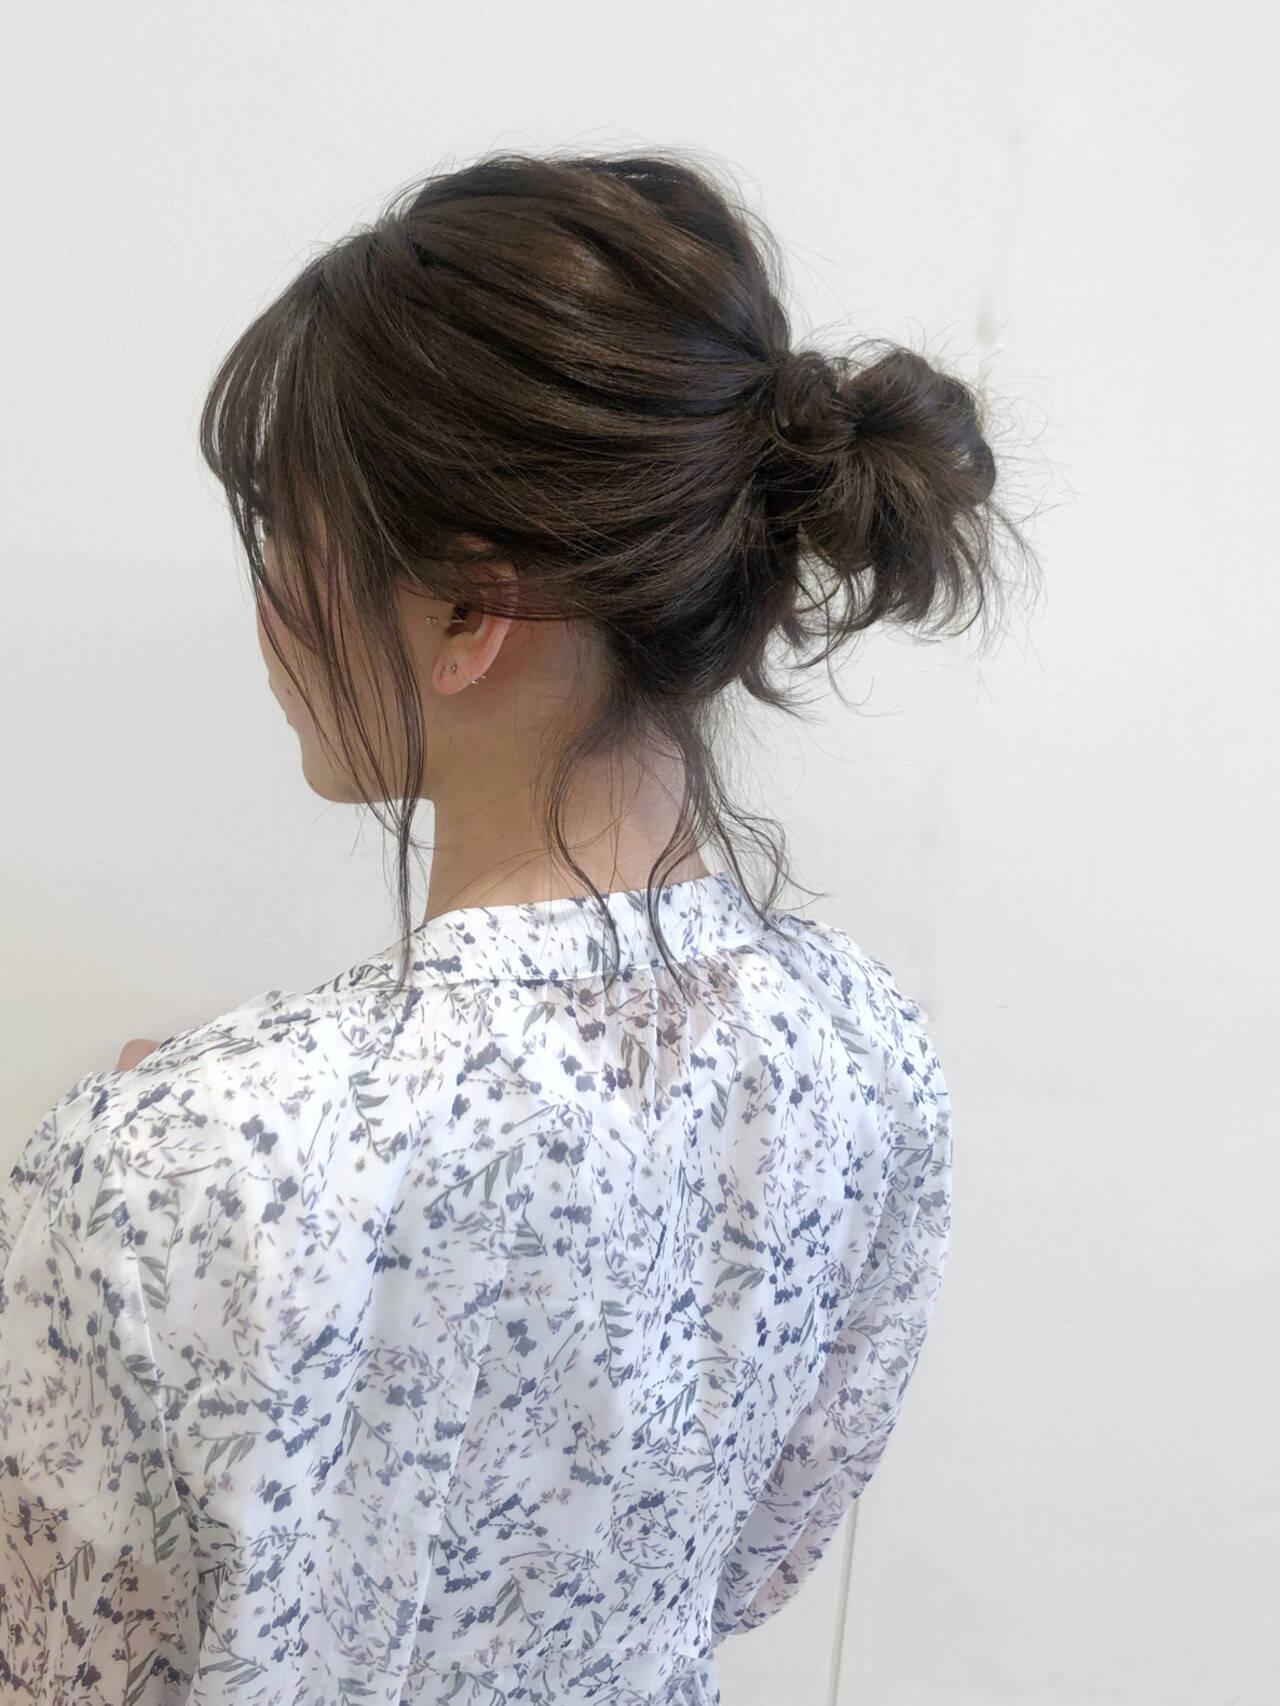 ナチュラル ヘアアレンジ メッシーバン 簡単ヘアアレンジヘアスタイルや髪型の写真・画像